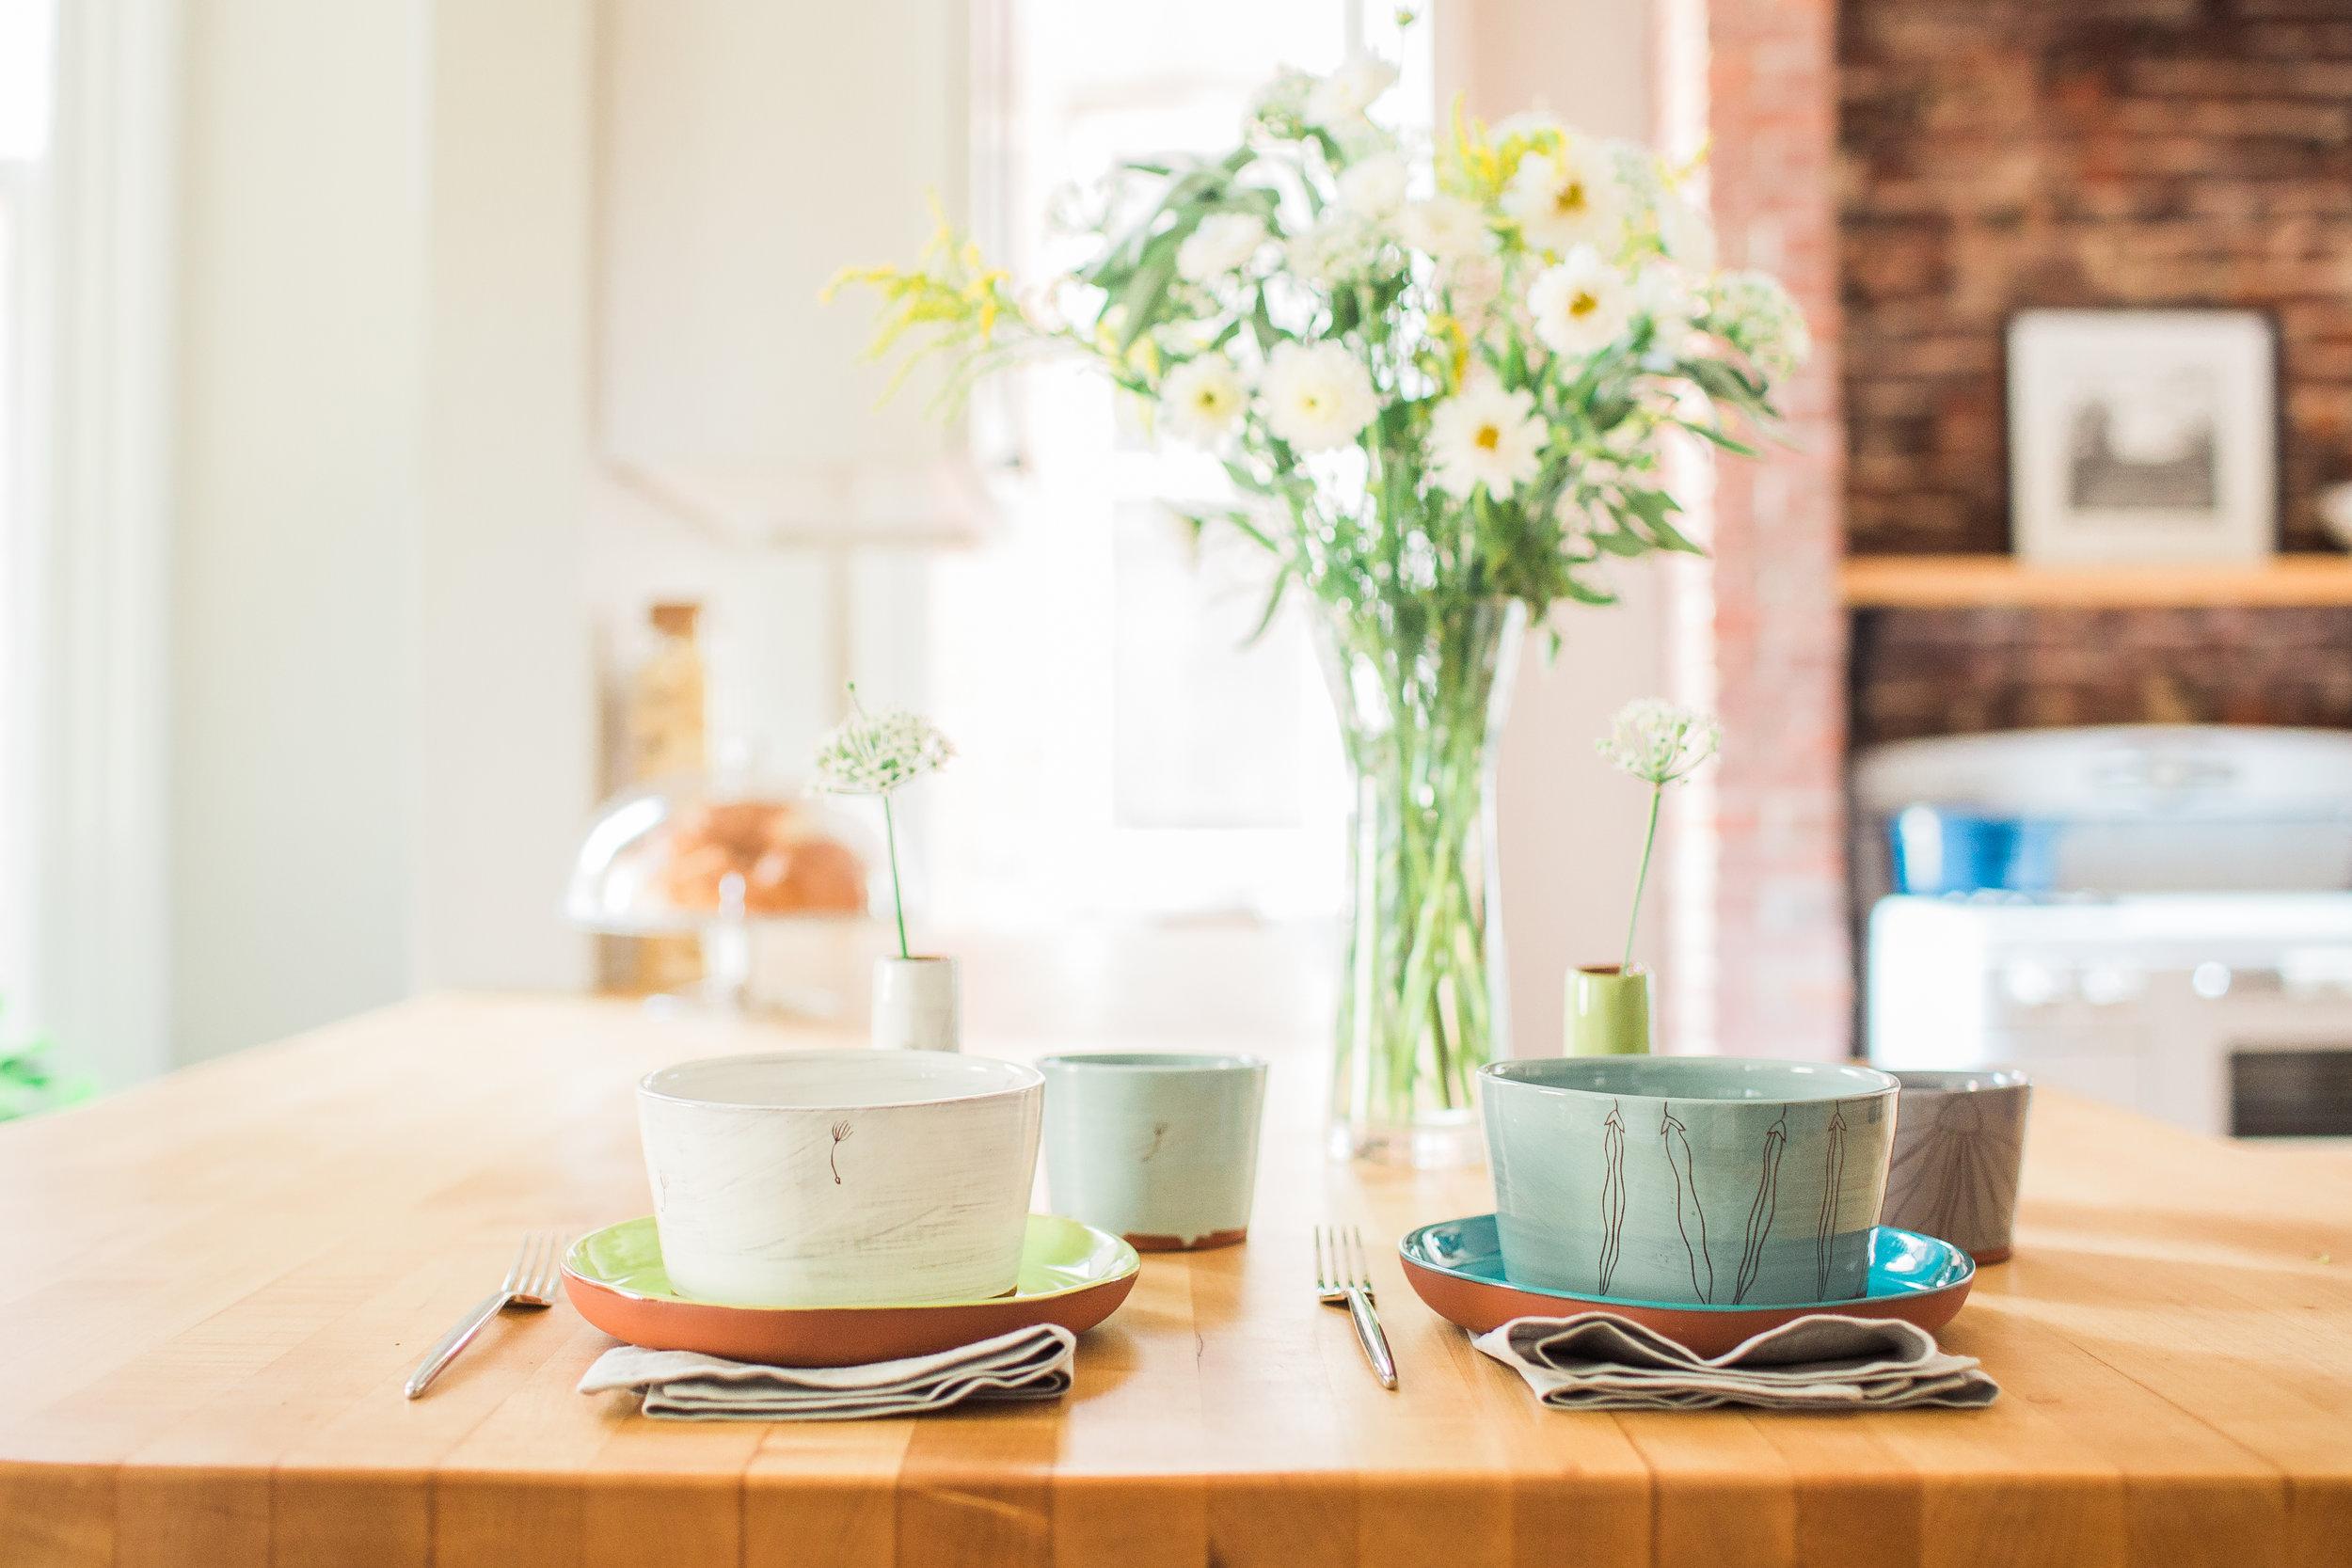 jenna_vanden_brink_ceramics-46.jpg